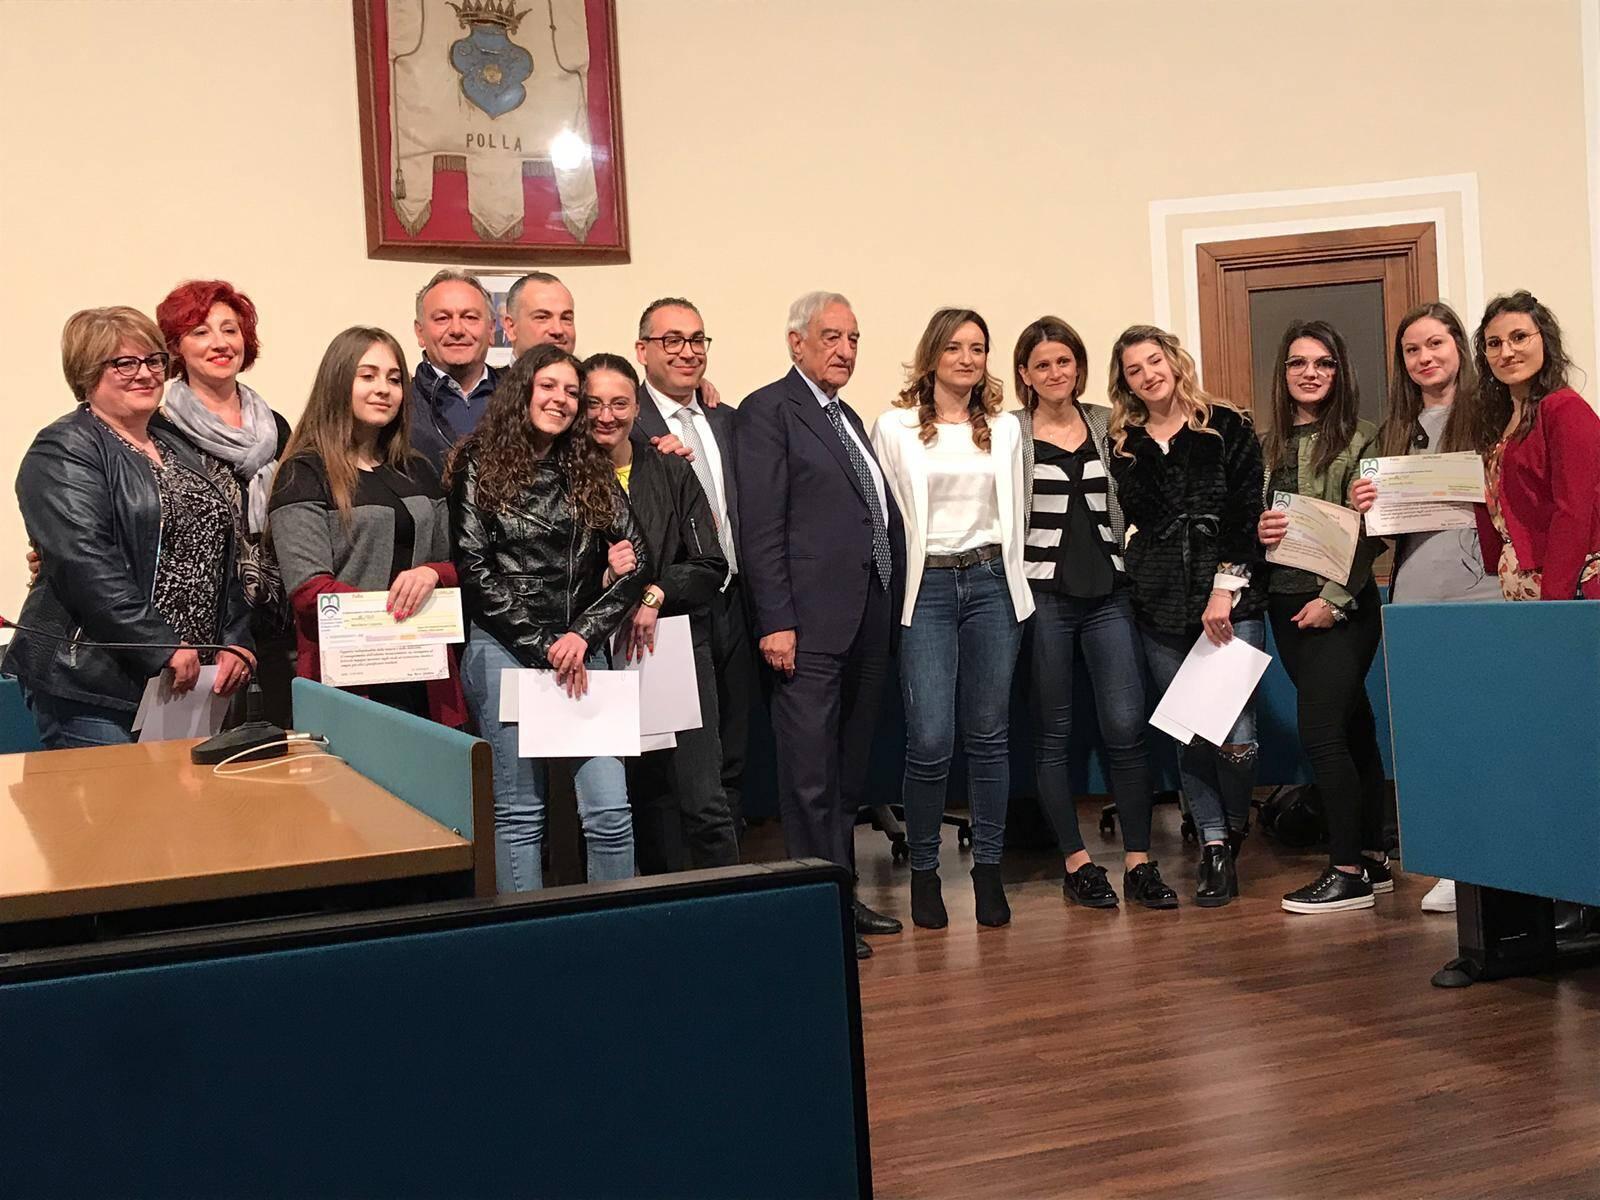 """d814f6df02 Questa mattina si è tenuta, presso l'Aula Consiliare """"Santa Chiara"""" del  Comune di Polla, la cerimonia di consegna della Borse di Studio istituite  ..."""